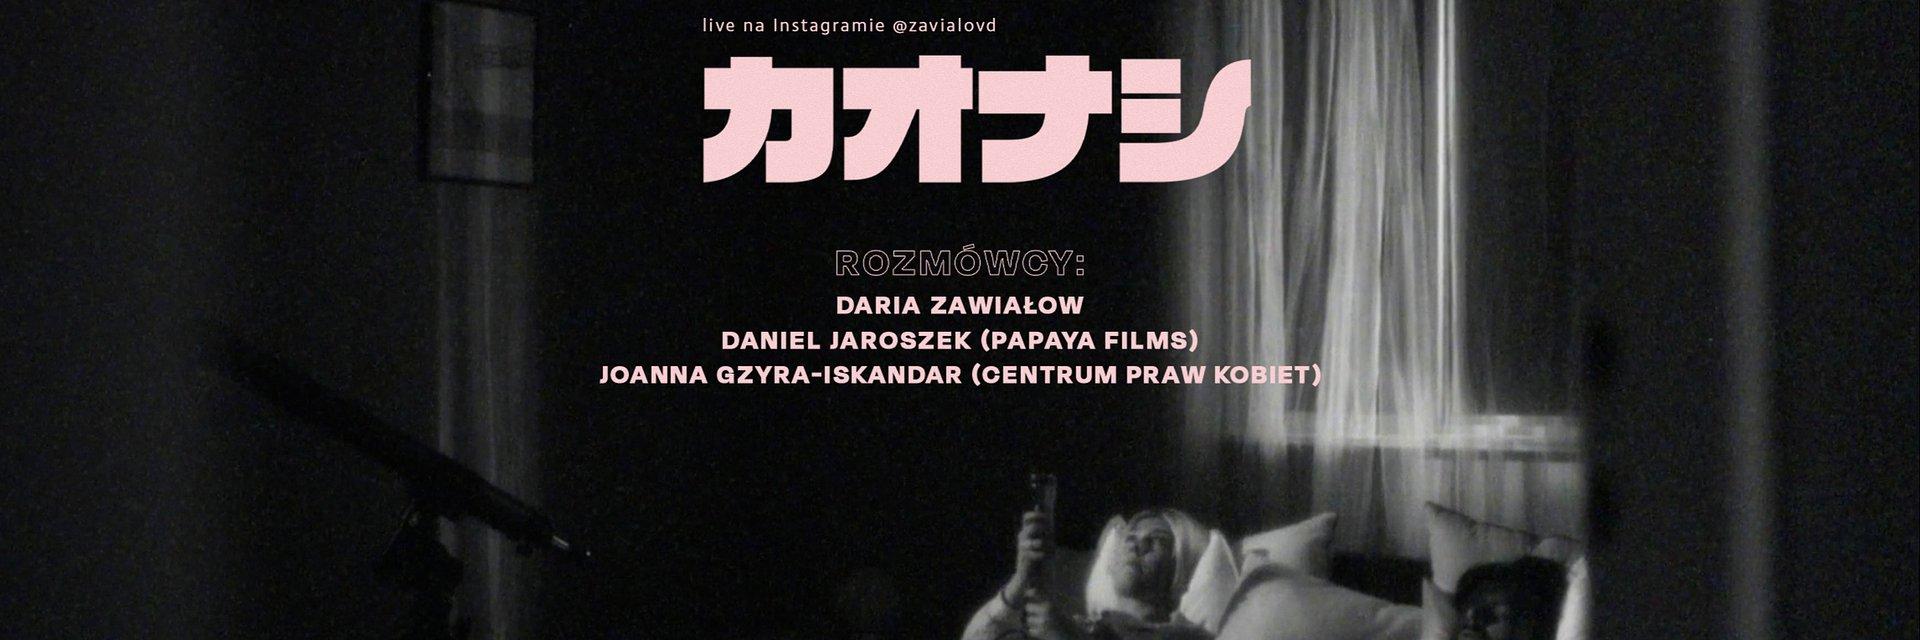 Wyjątkowy live na Instagramie Darii Zawiałow!